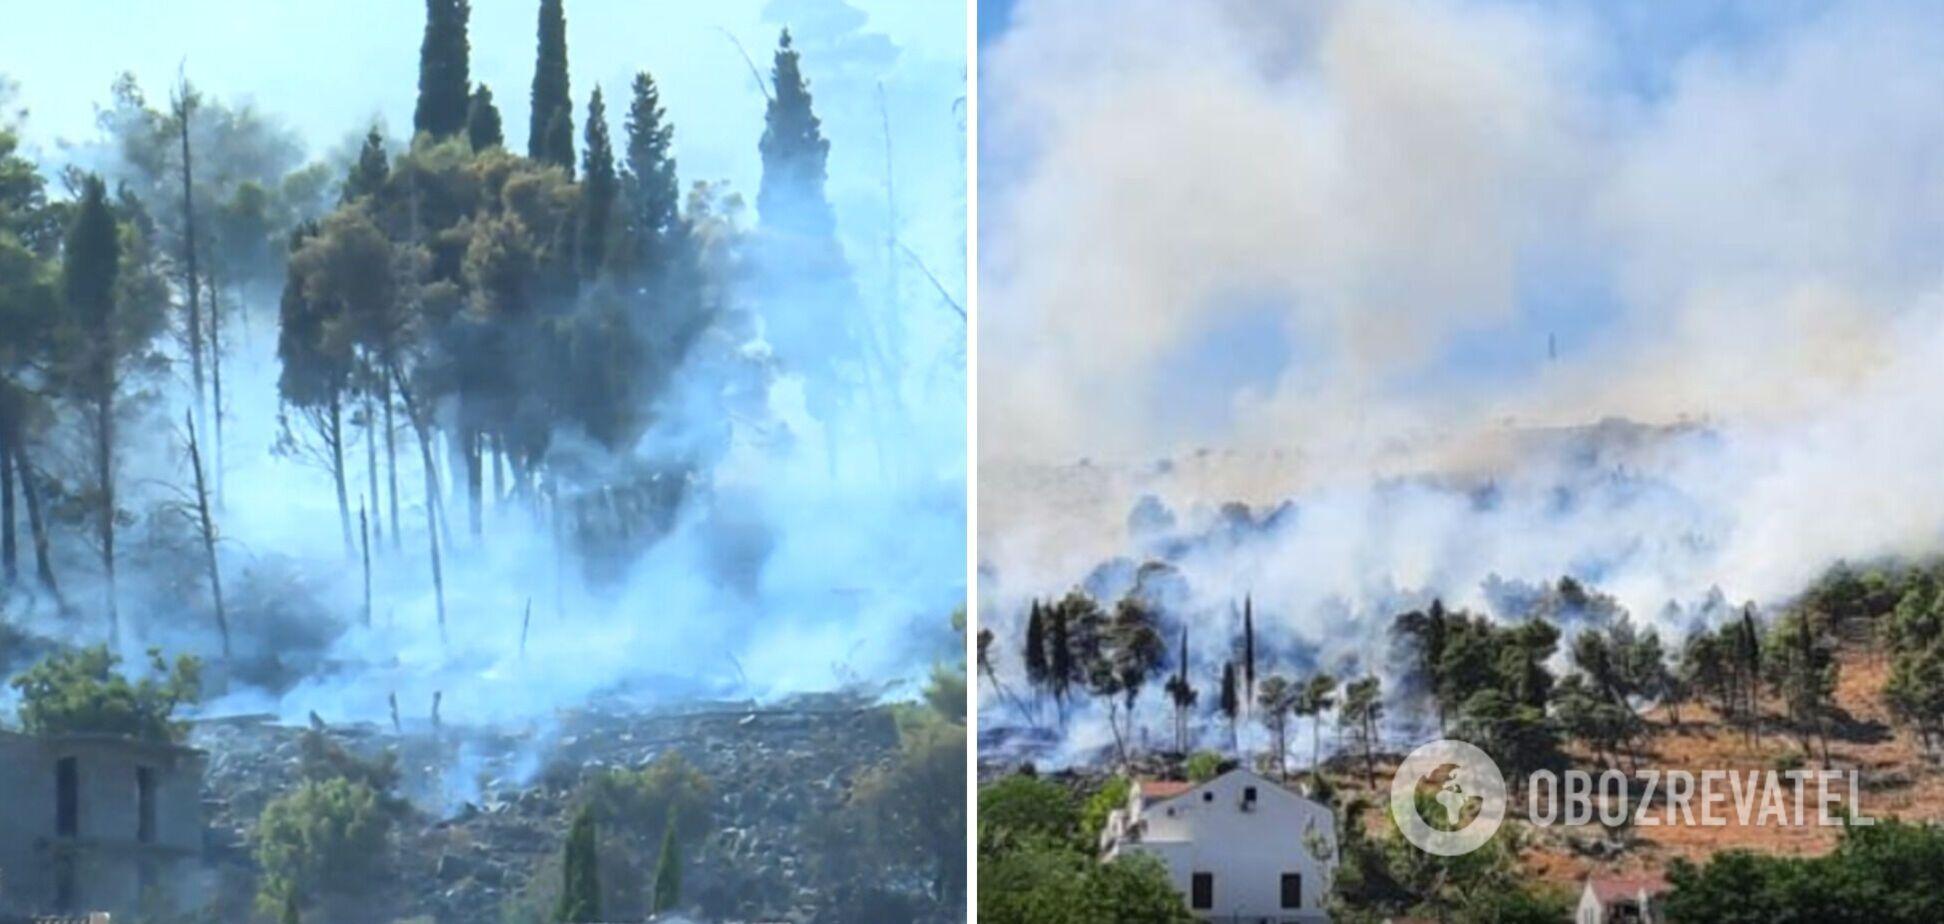 Еще одну страну Европы охватили лесные пожары: огонь добрался к жилым домам. Фото